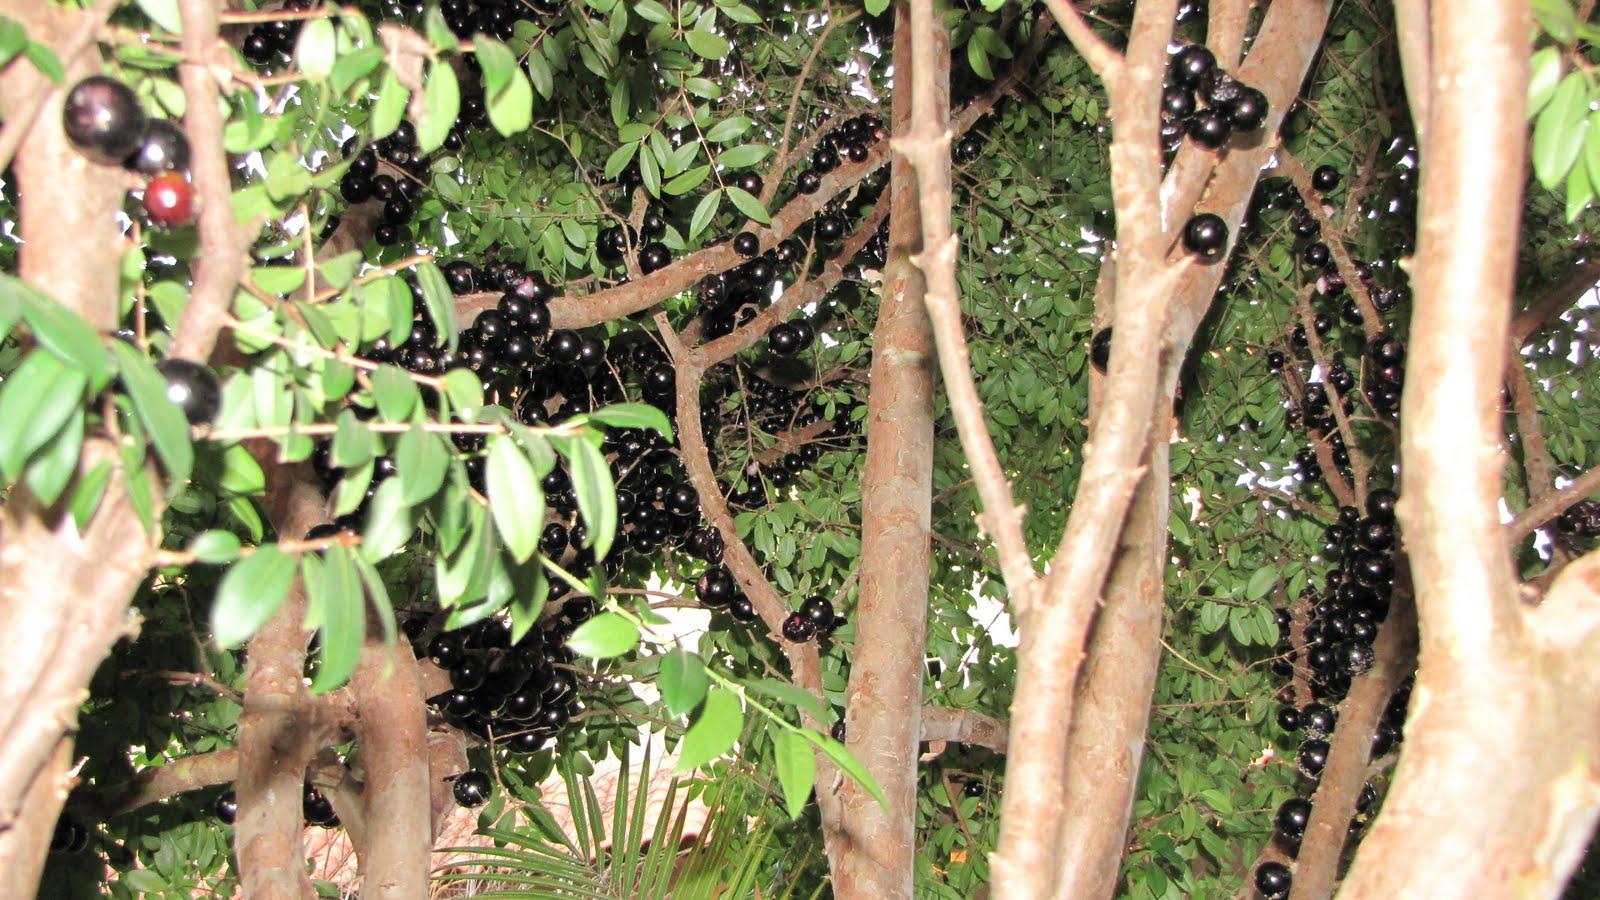 شجرة العنب البرازيلي الأغرب في العالم منتديات المطاريد